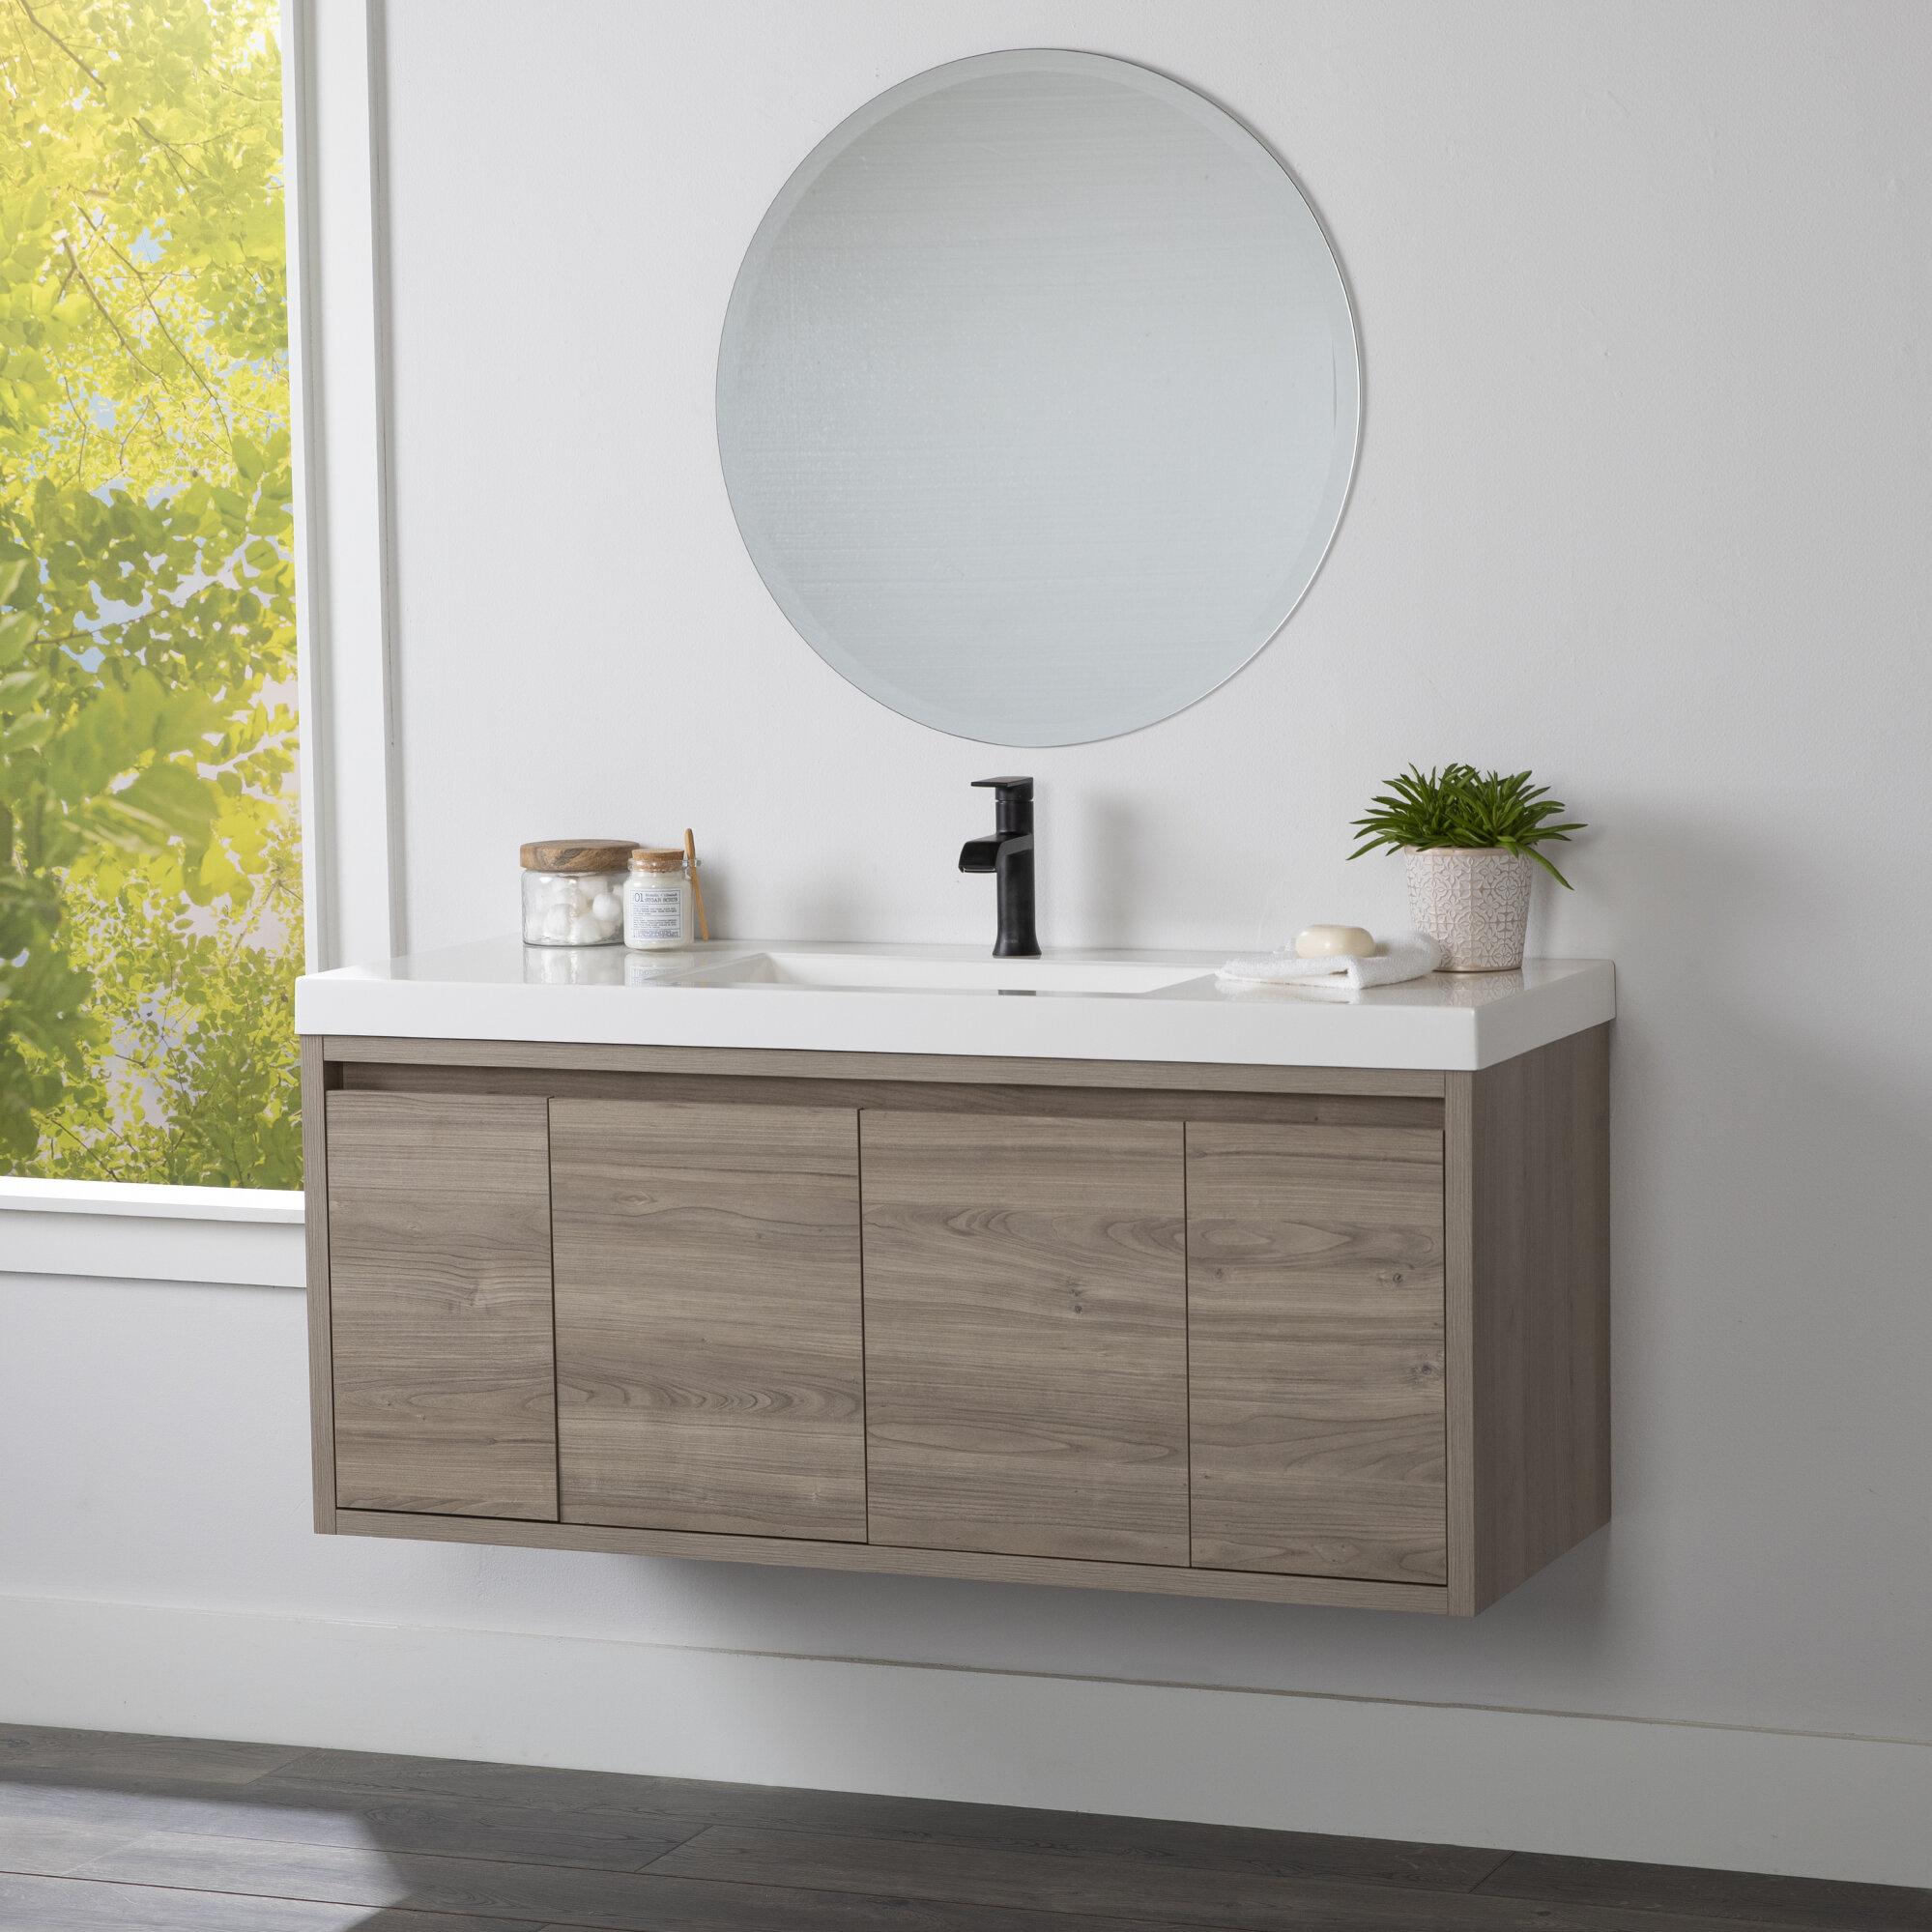 Wall Mounted Floating Wood Bathroom Vanities You Ll Love In 2021 Wayfair